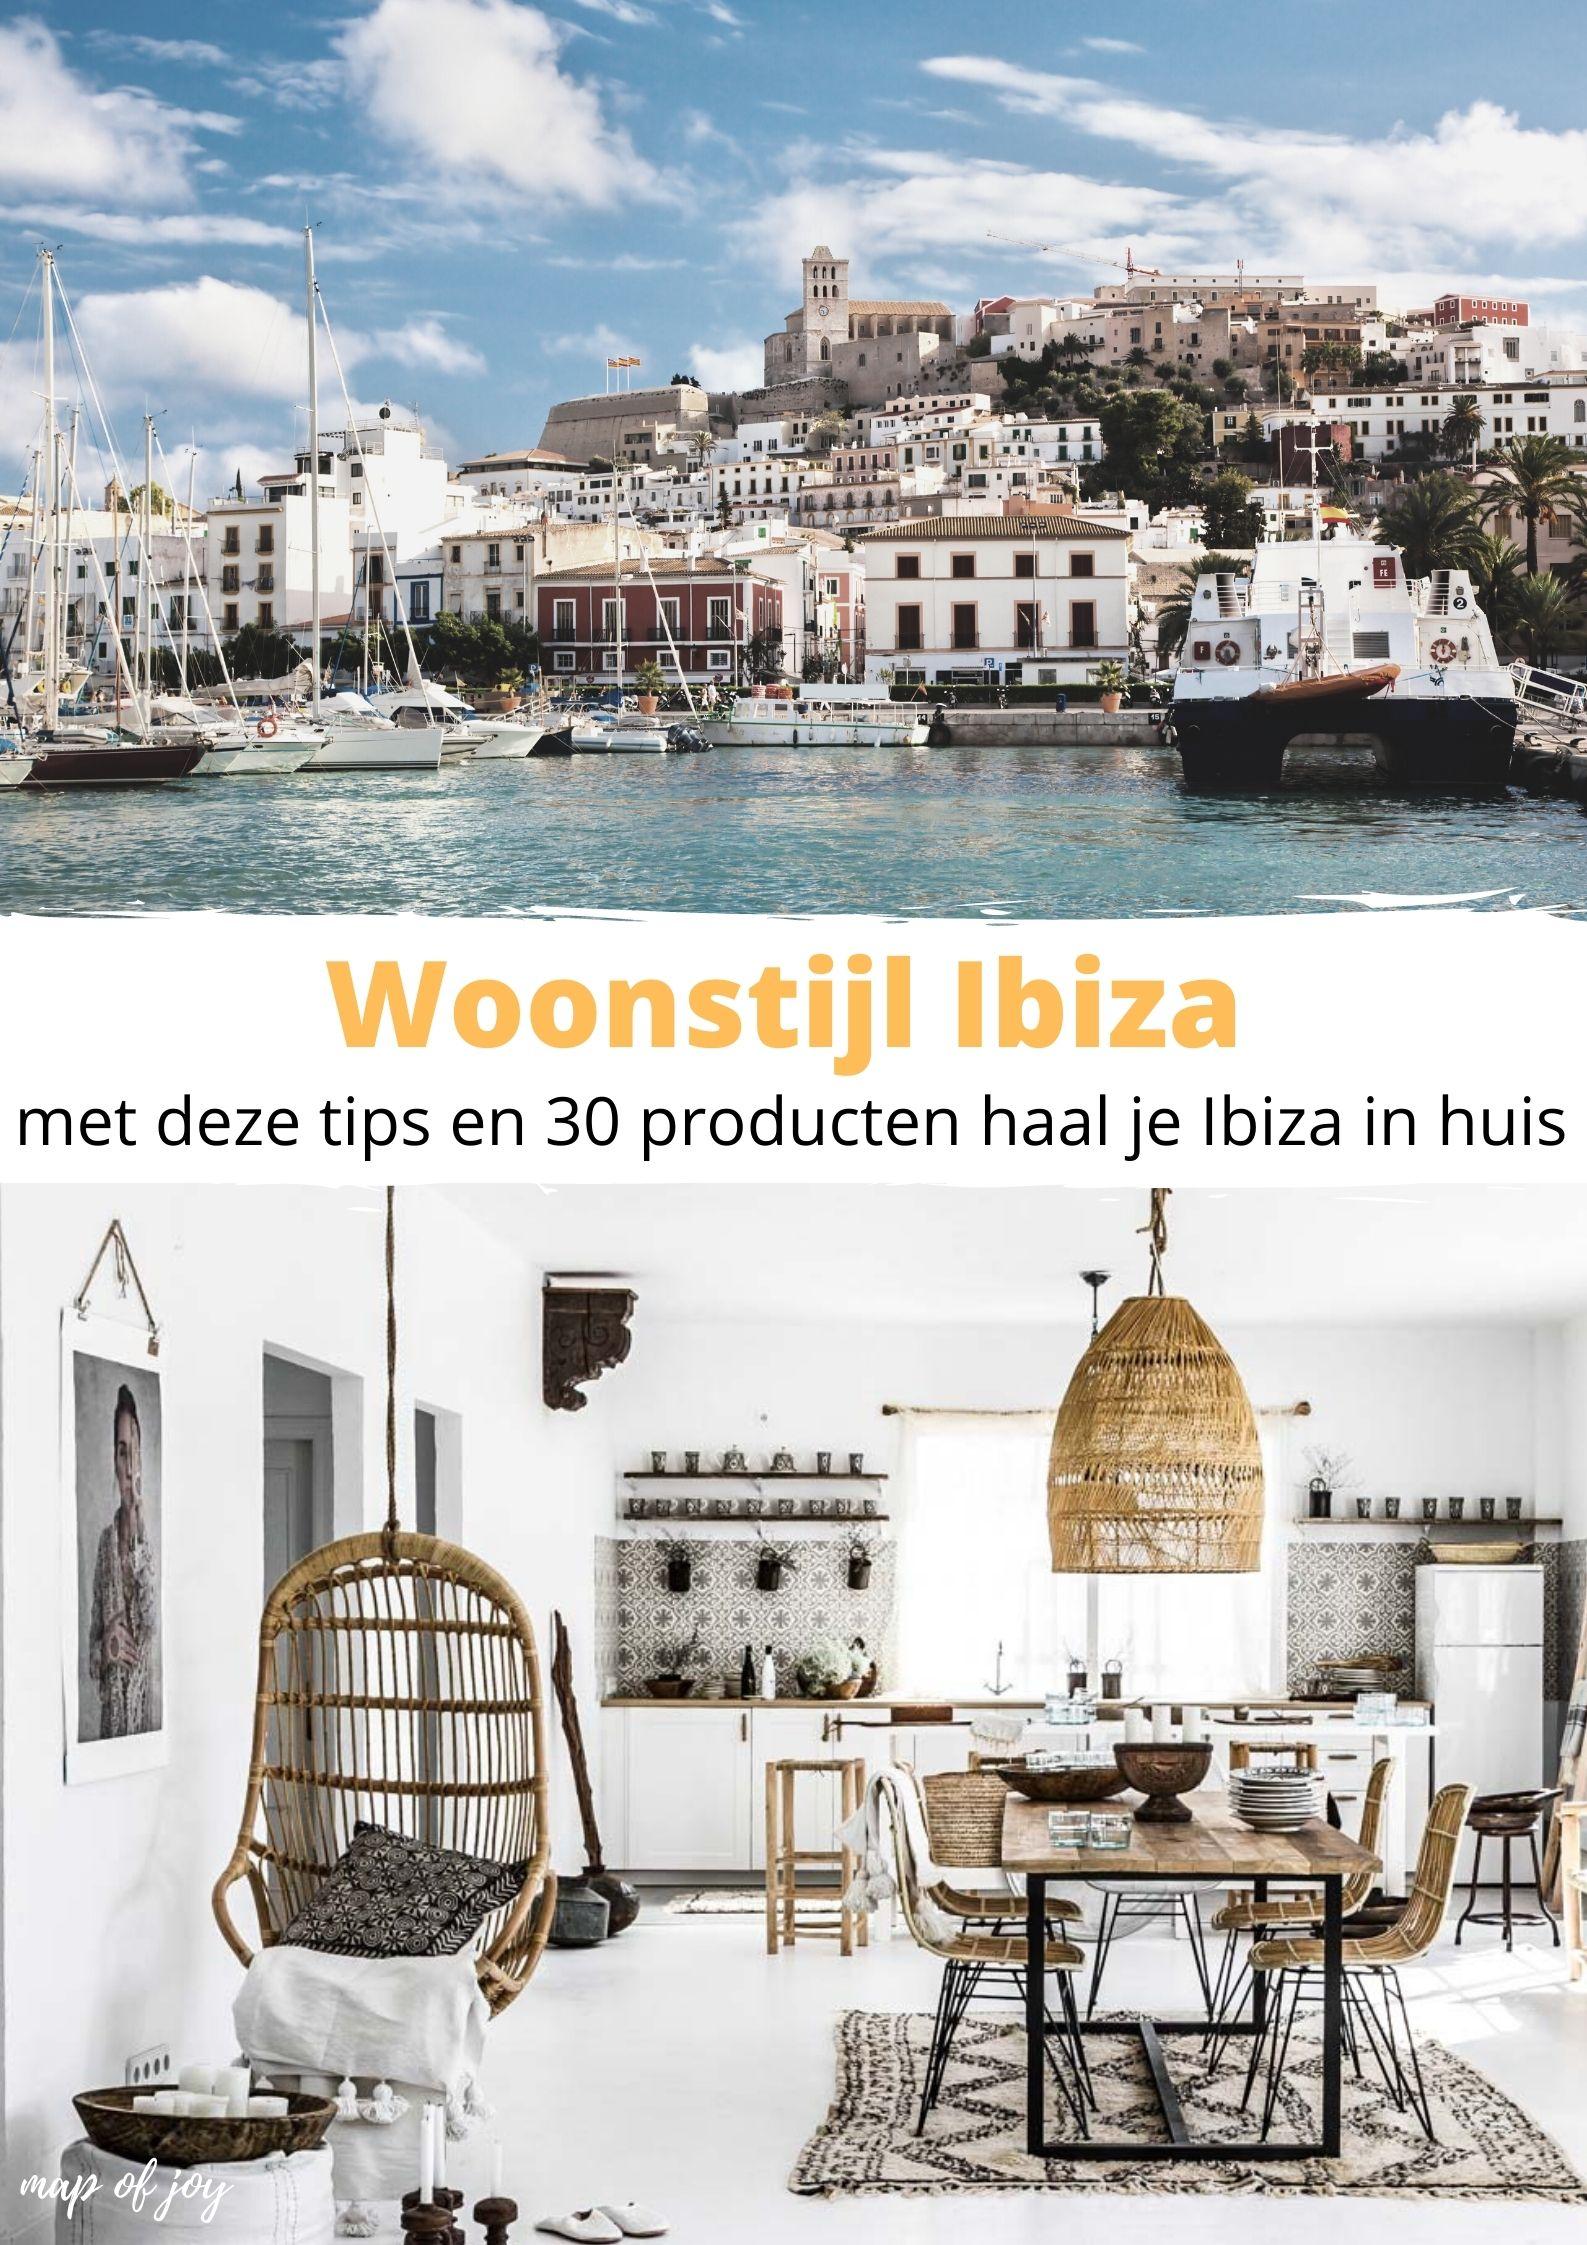 Woonstijl Ibiza: met deze tips en 30 producten haal je Ibiza in huis